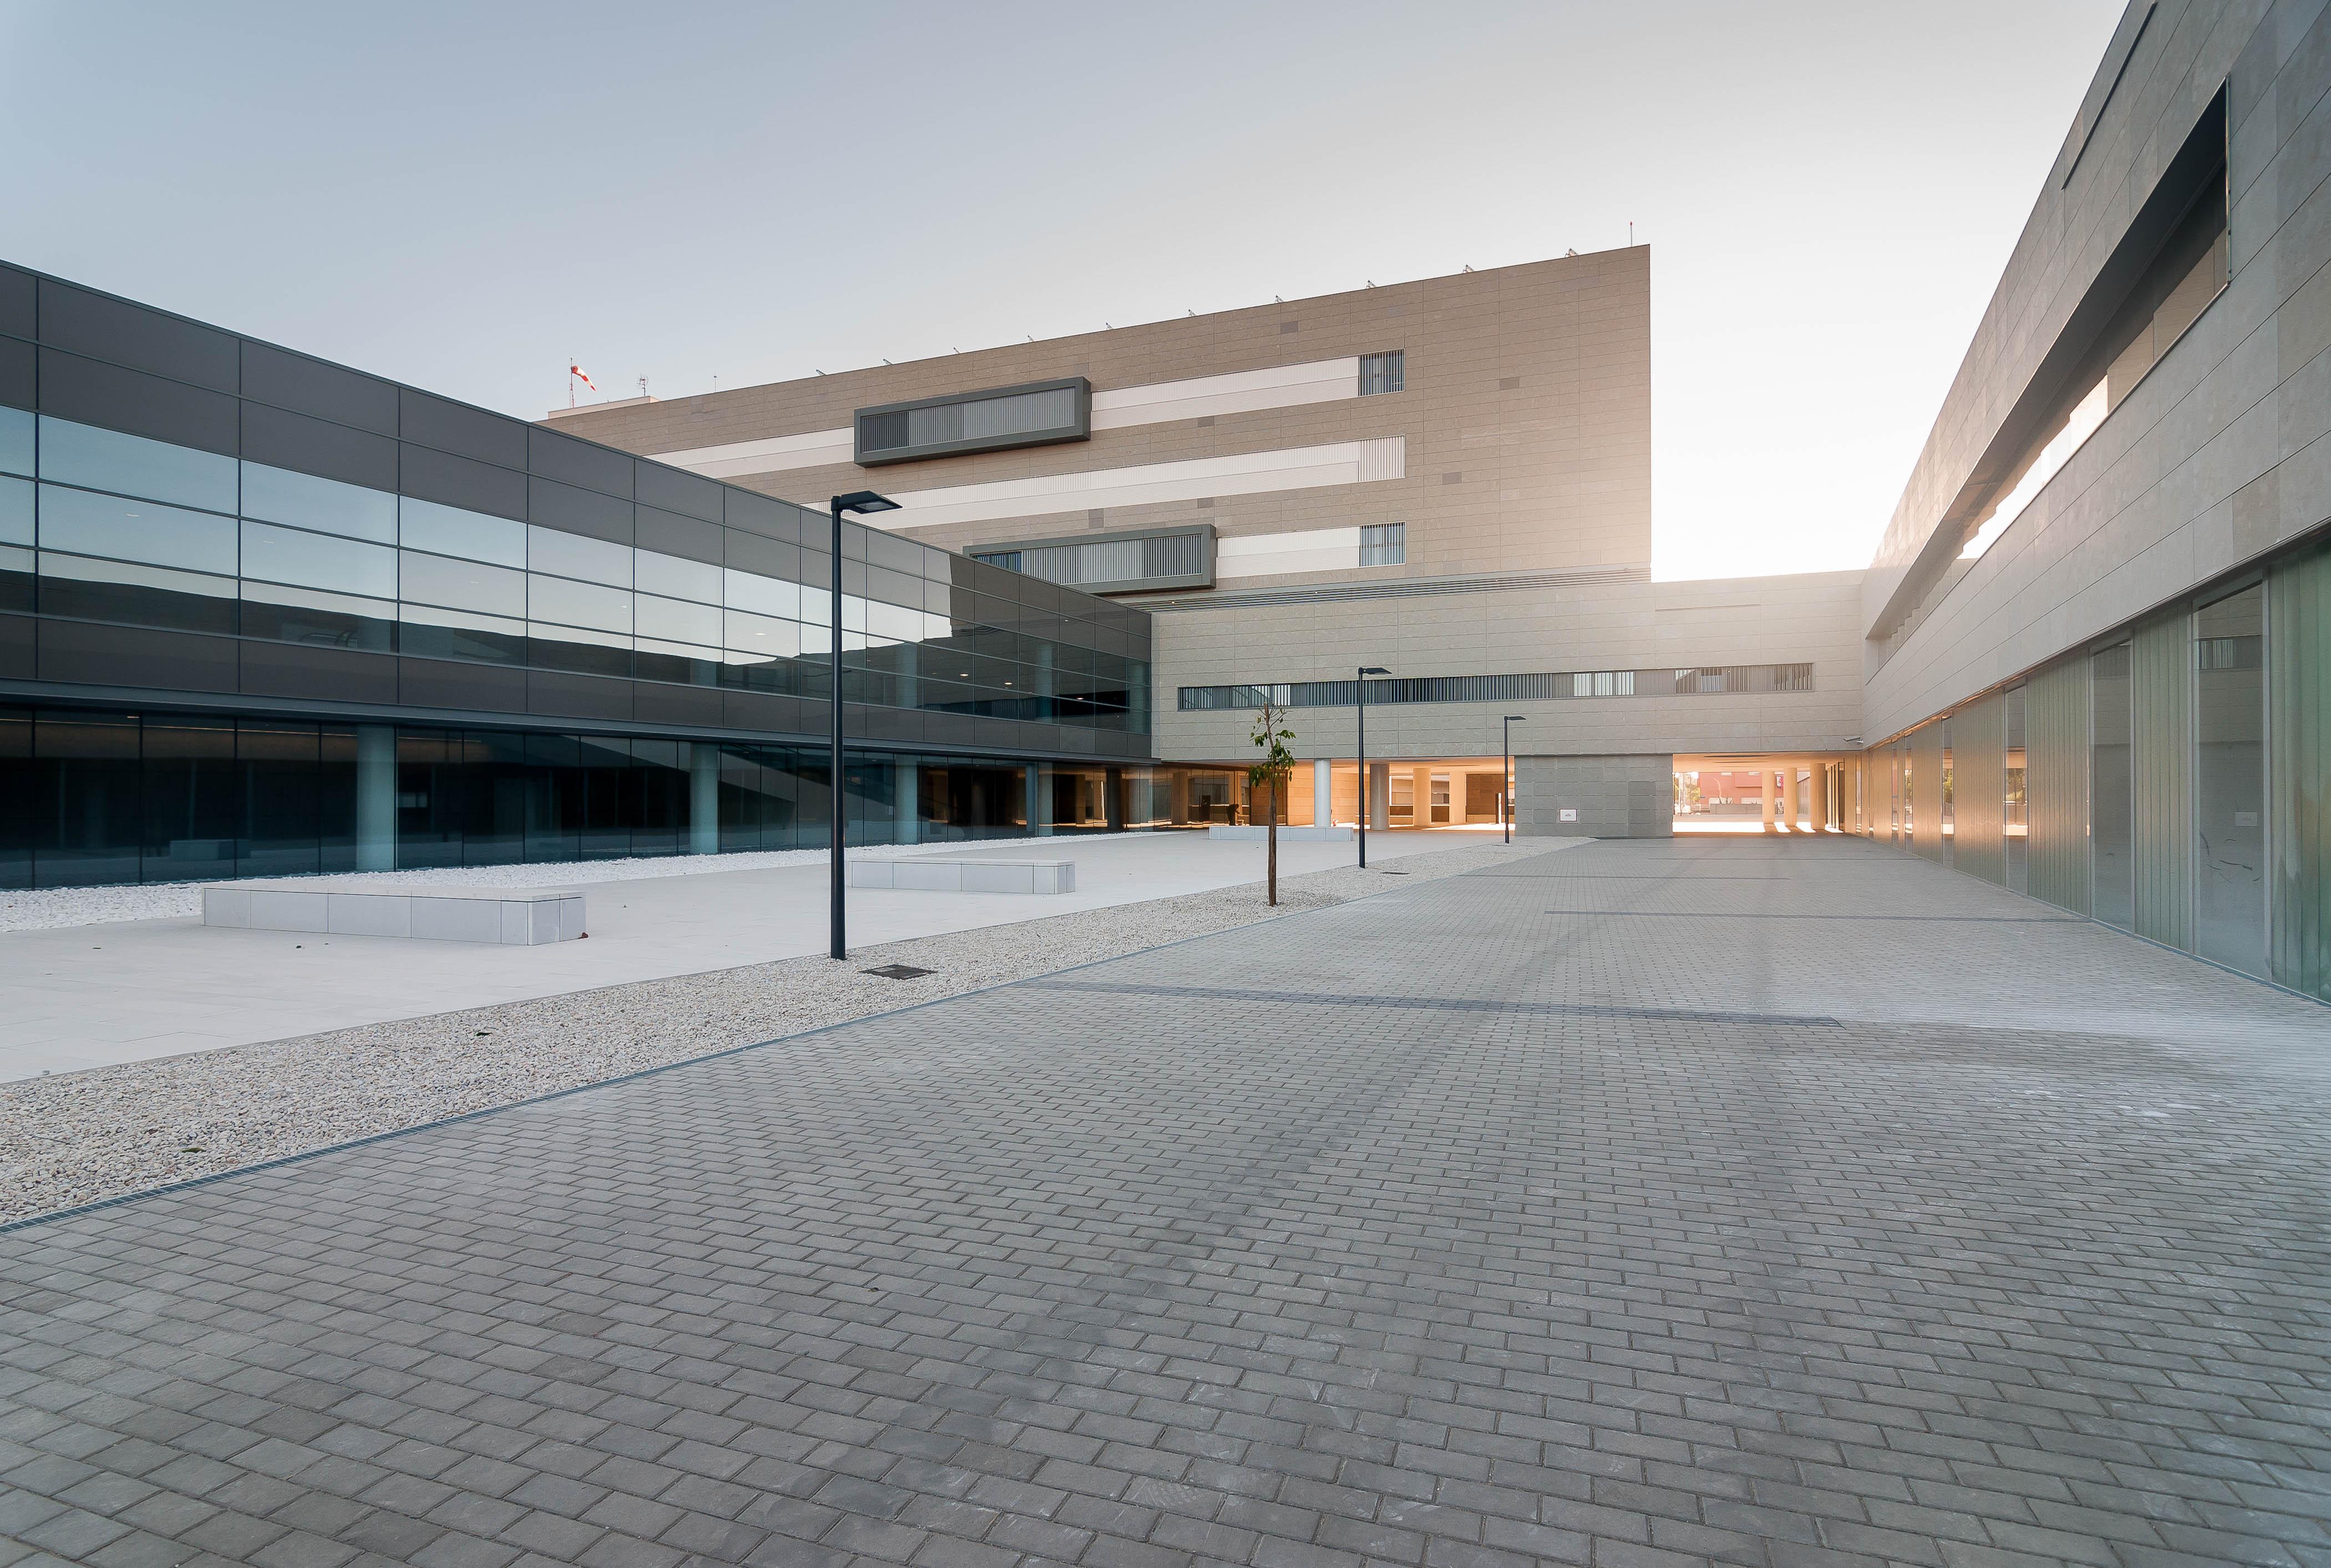 Línea de la Concepción Hospital of Cádiz